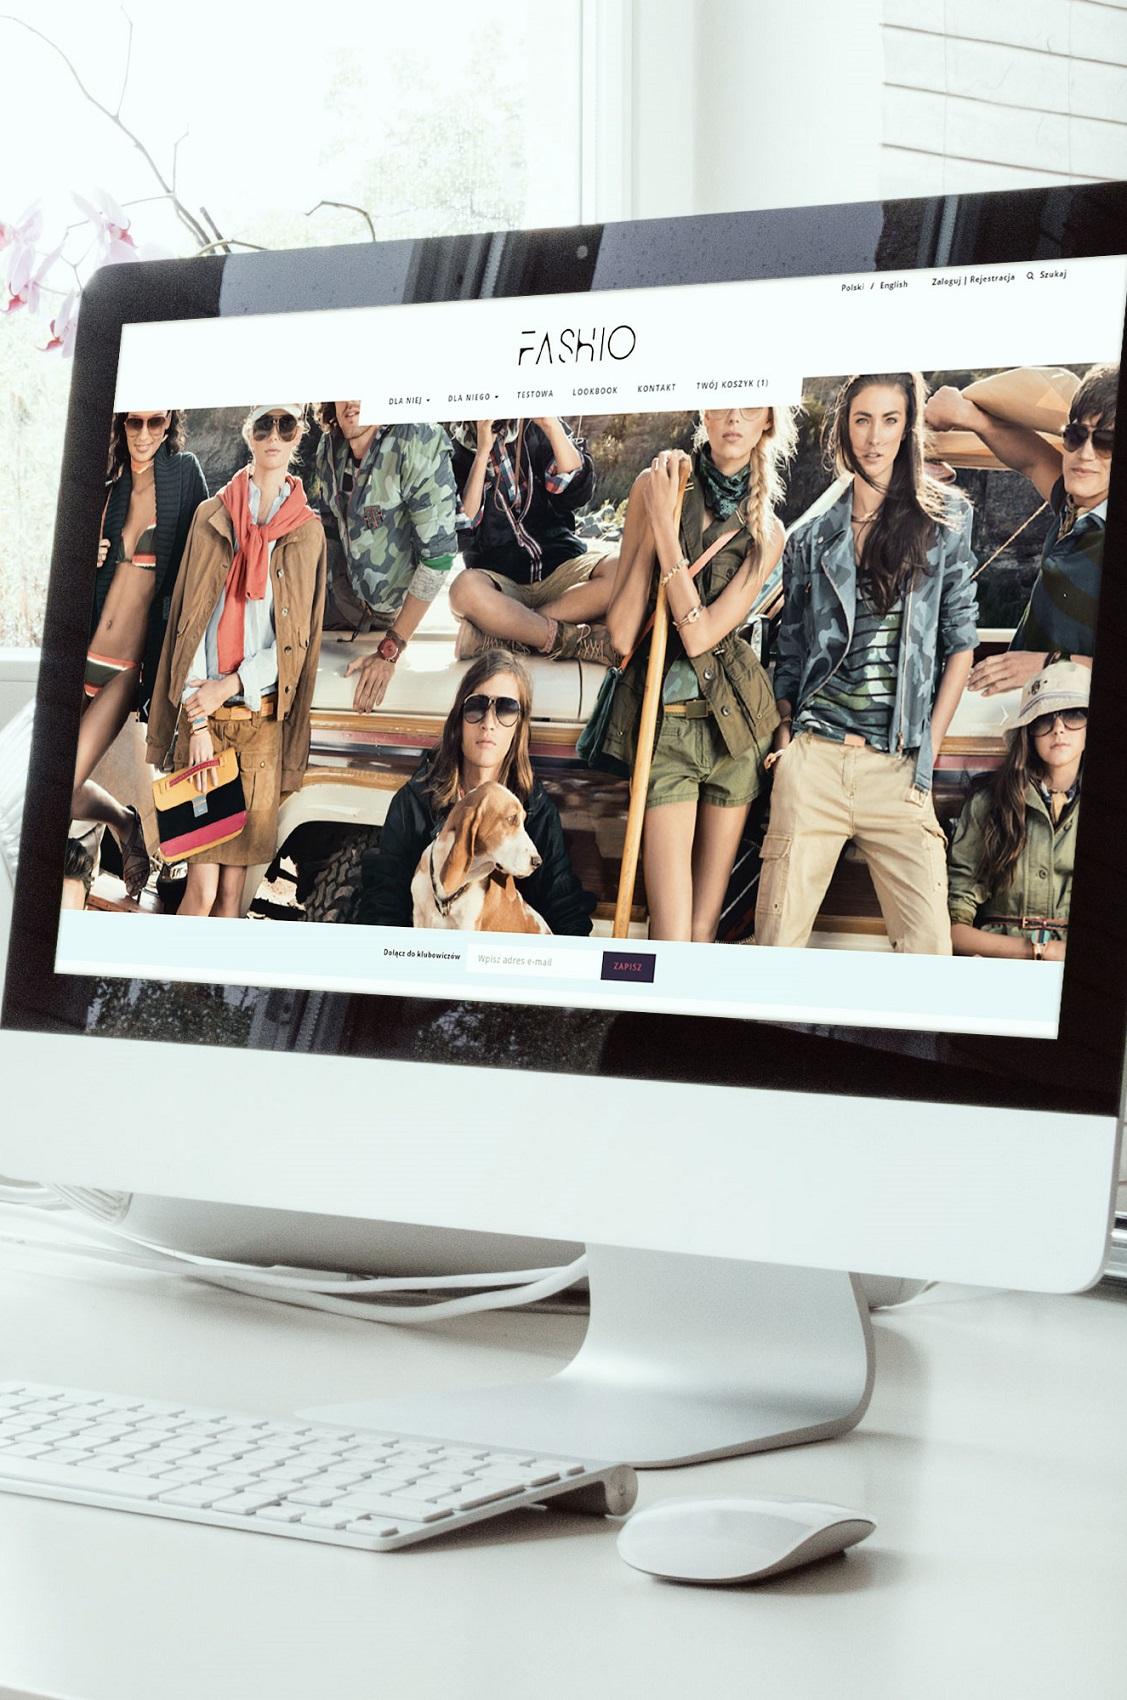 Fashio - nowoczesny, piękny i użyteczny szablon - SEO blog